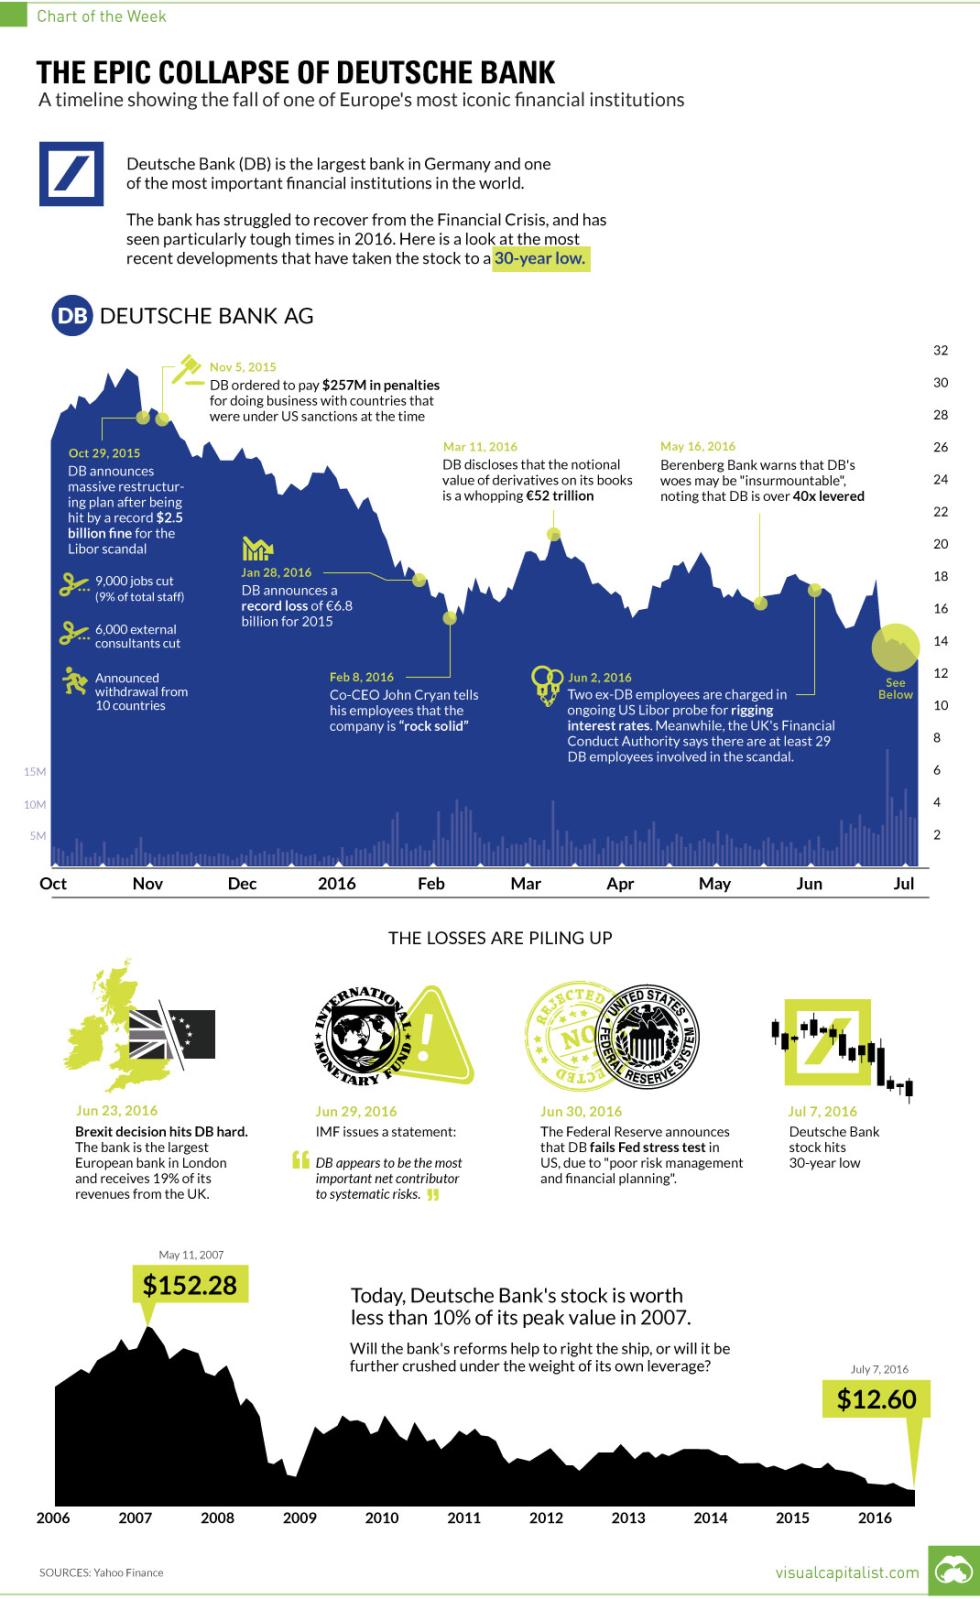 deutsche-bank-fall-chart.png